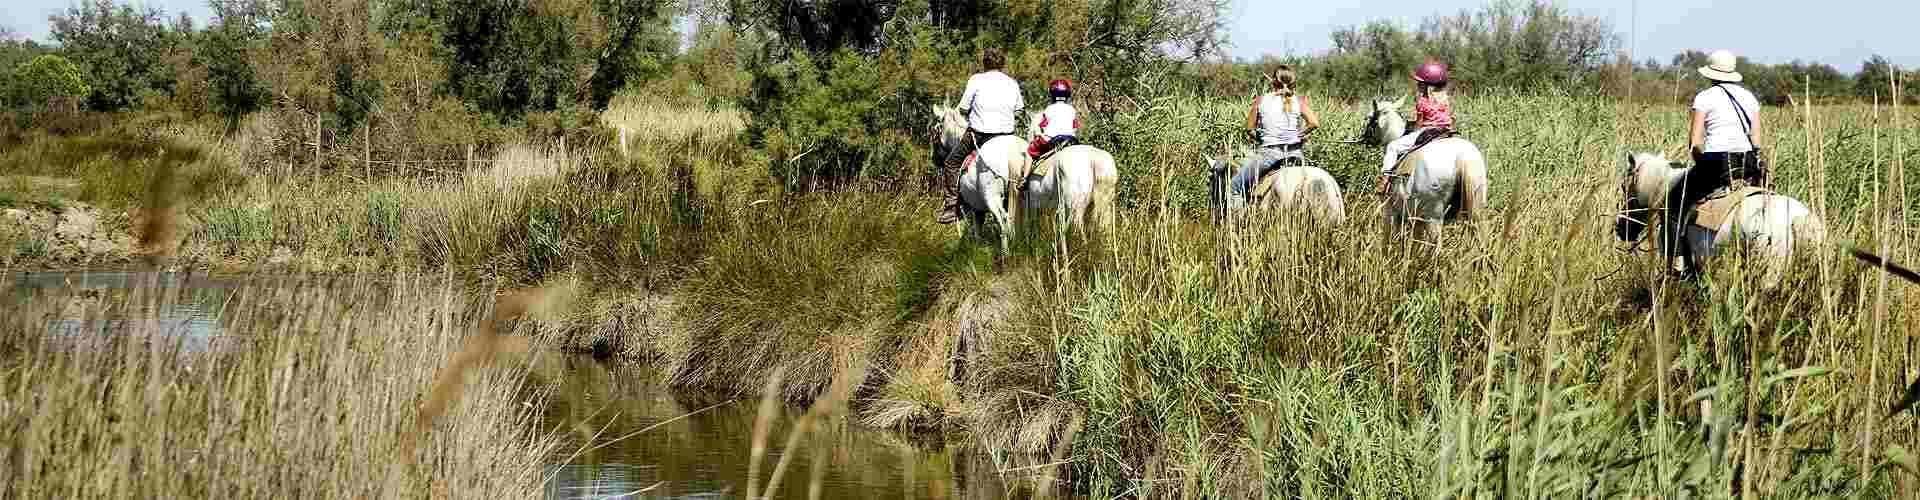 paseos en caballo en centrosdeportes de Burgos